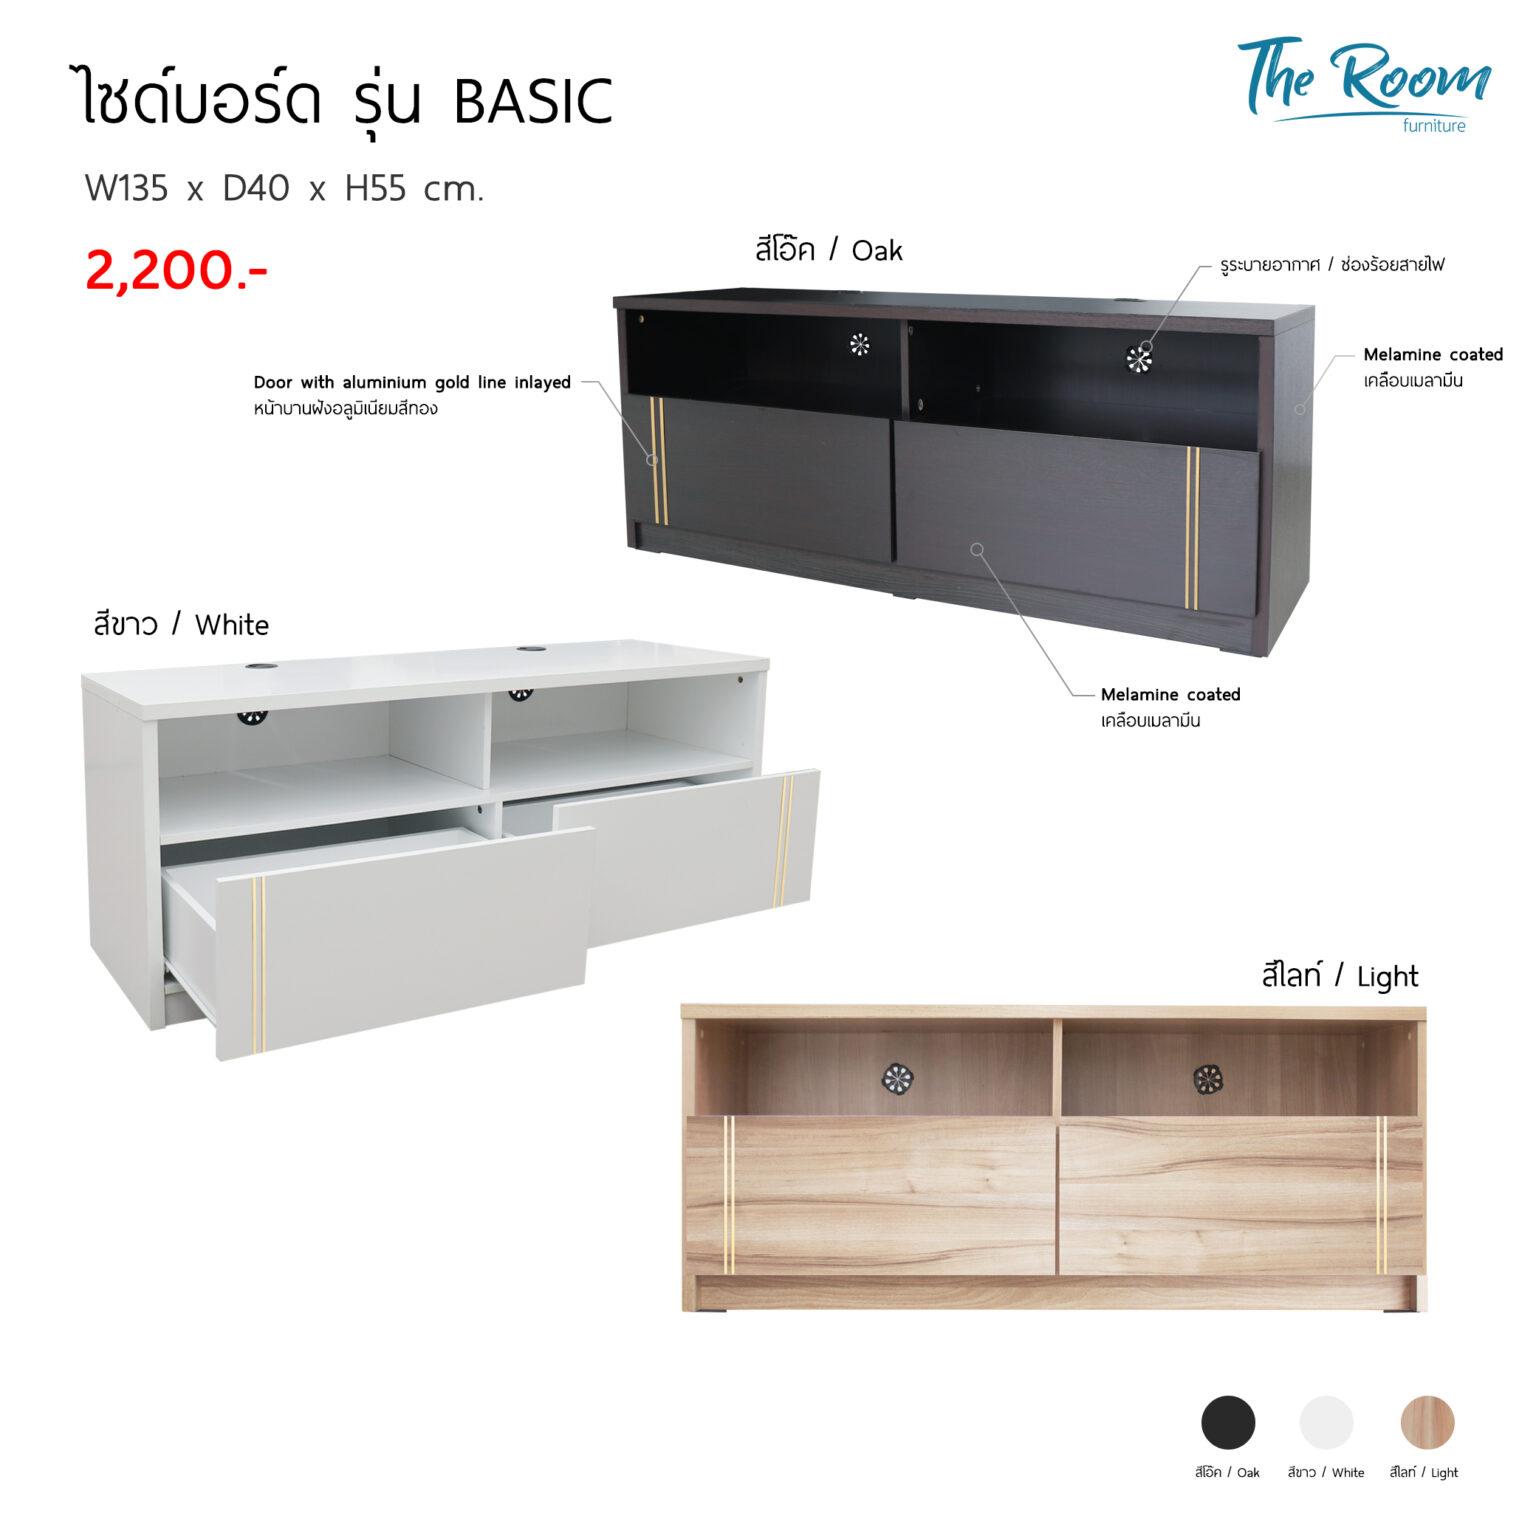 ไซด์บอร์ด รุ่น BASIC The Room Furniture